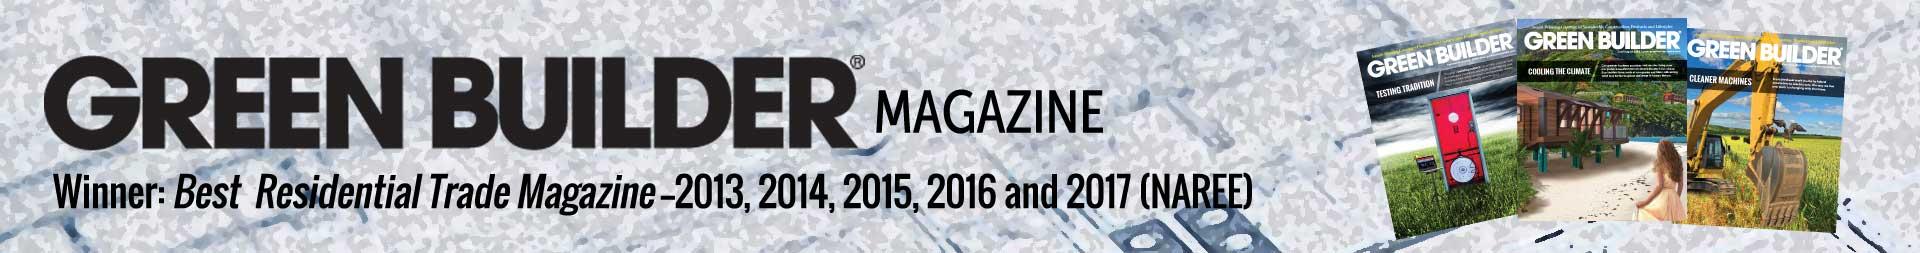 Green Builder Magazine Banner